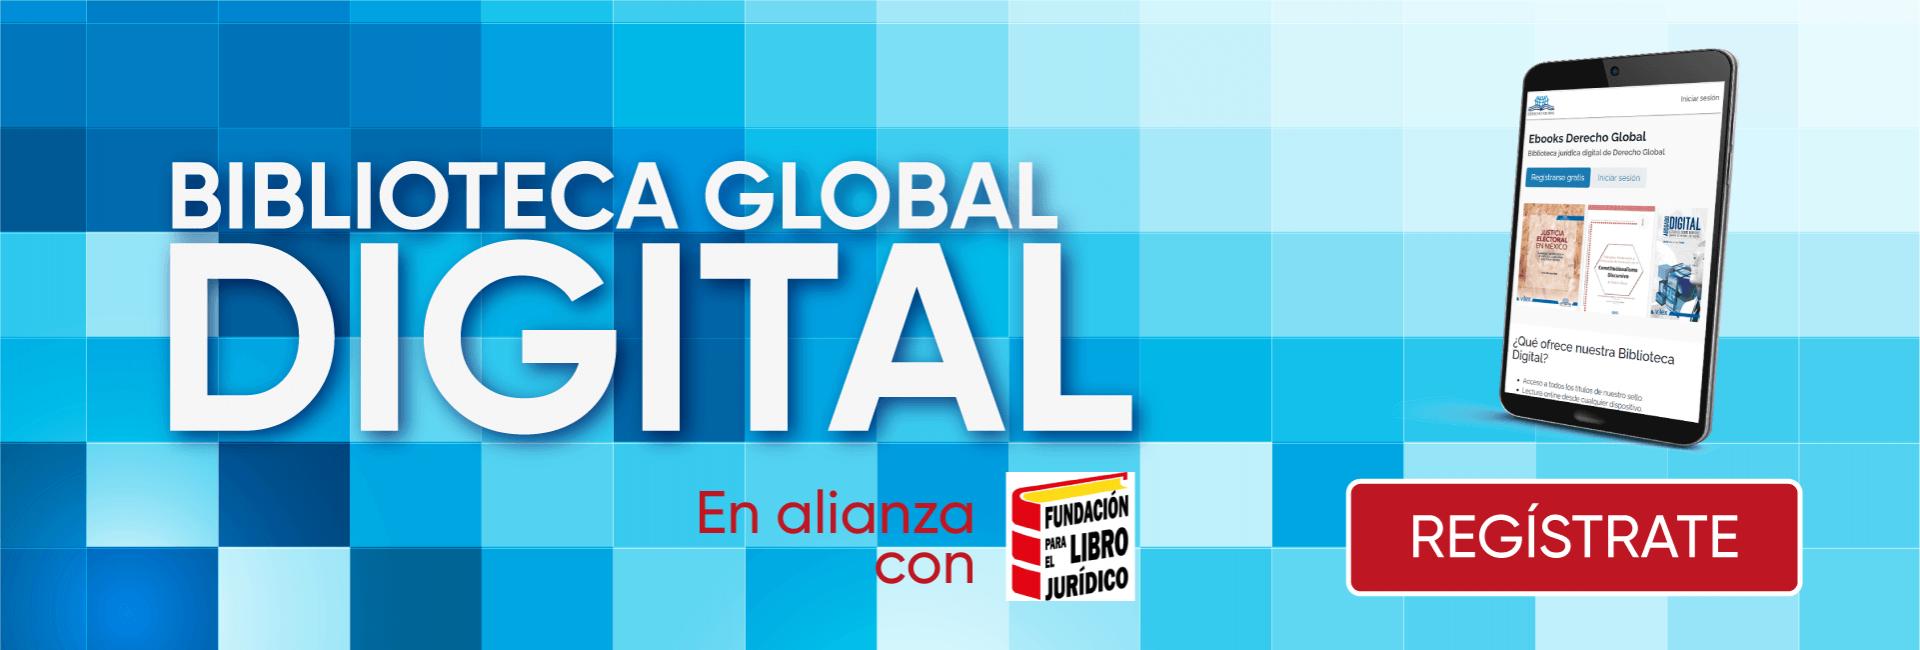 slider_biblioteca_digital01